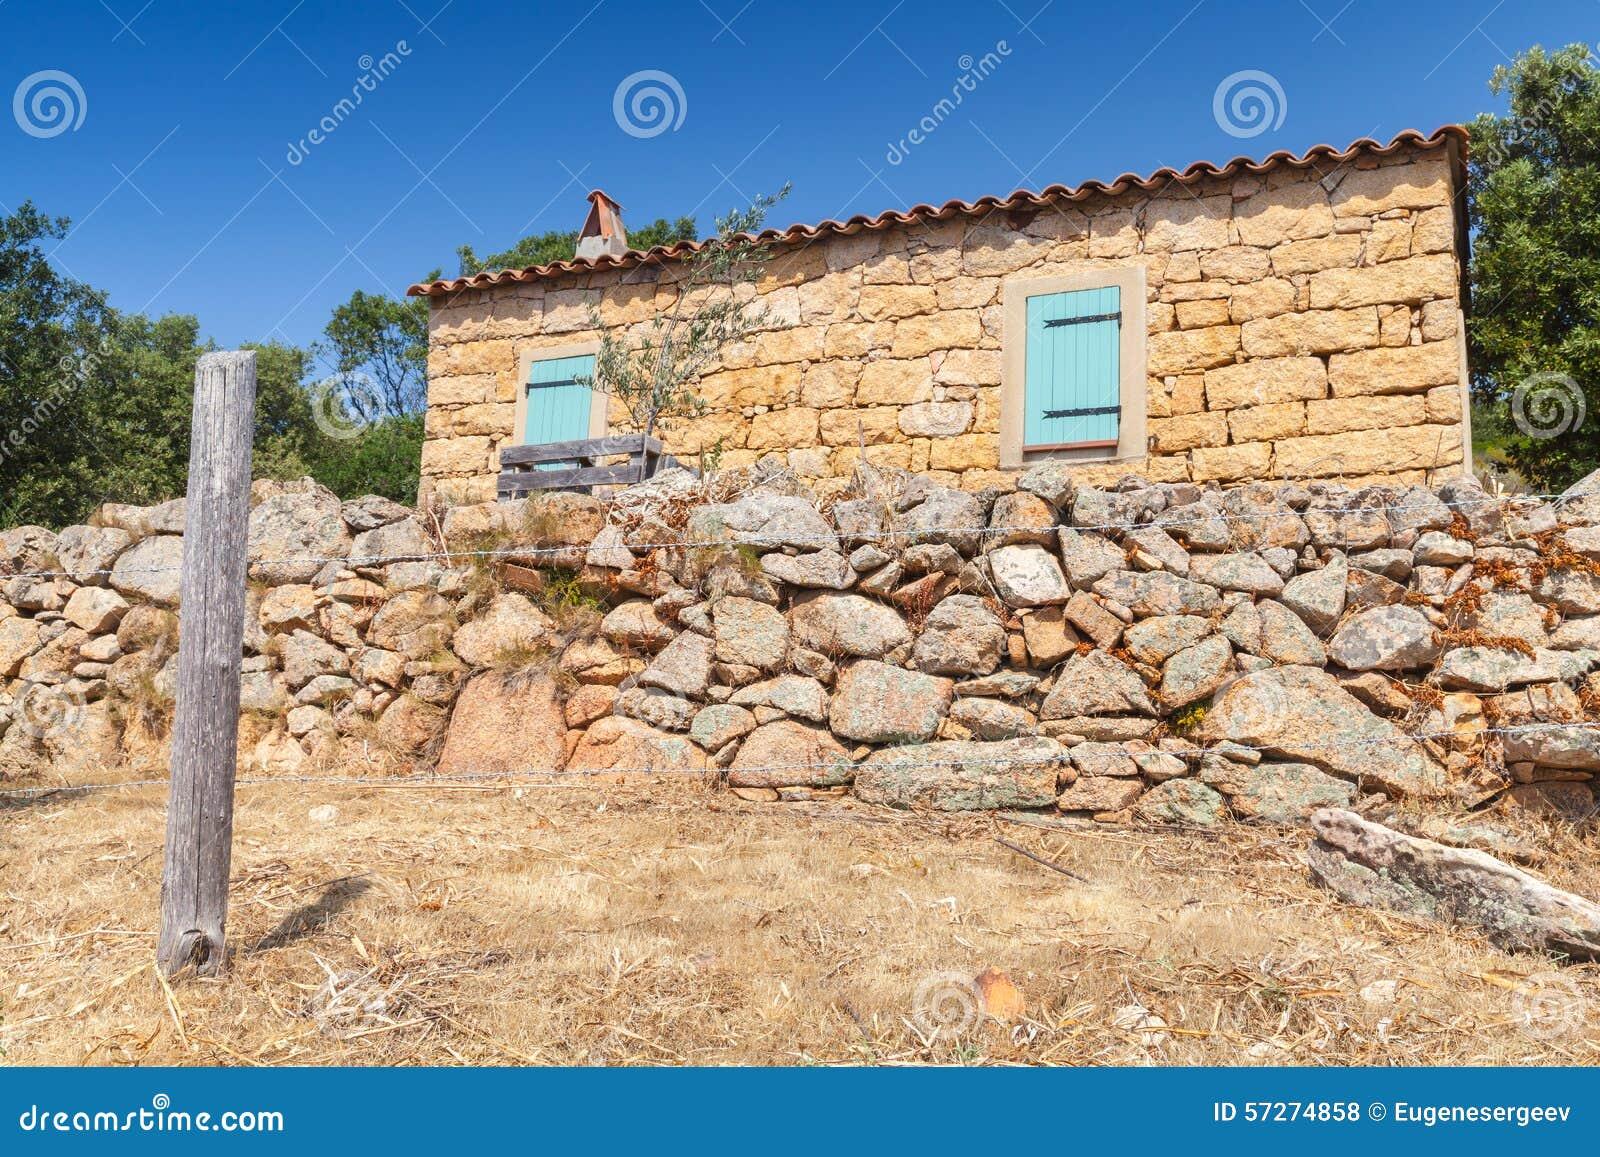 La corse du sud paysage rural avec la vieille typique for Achat maison corse du sud